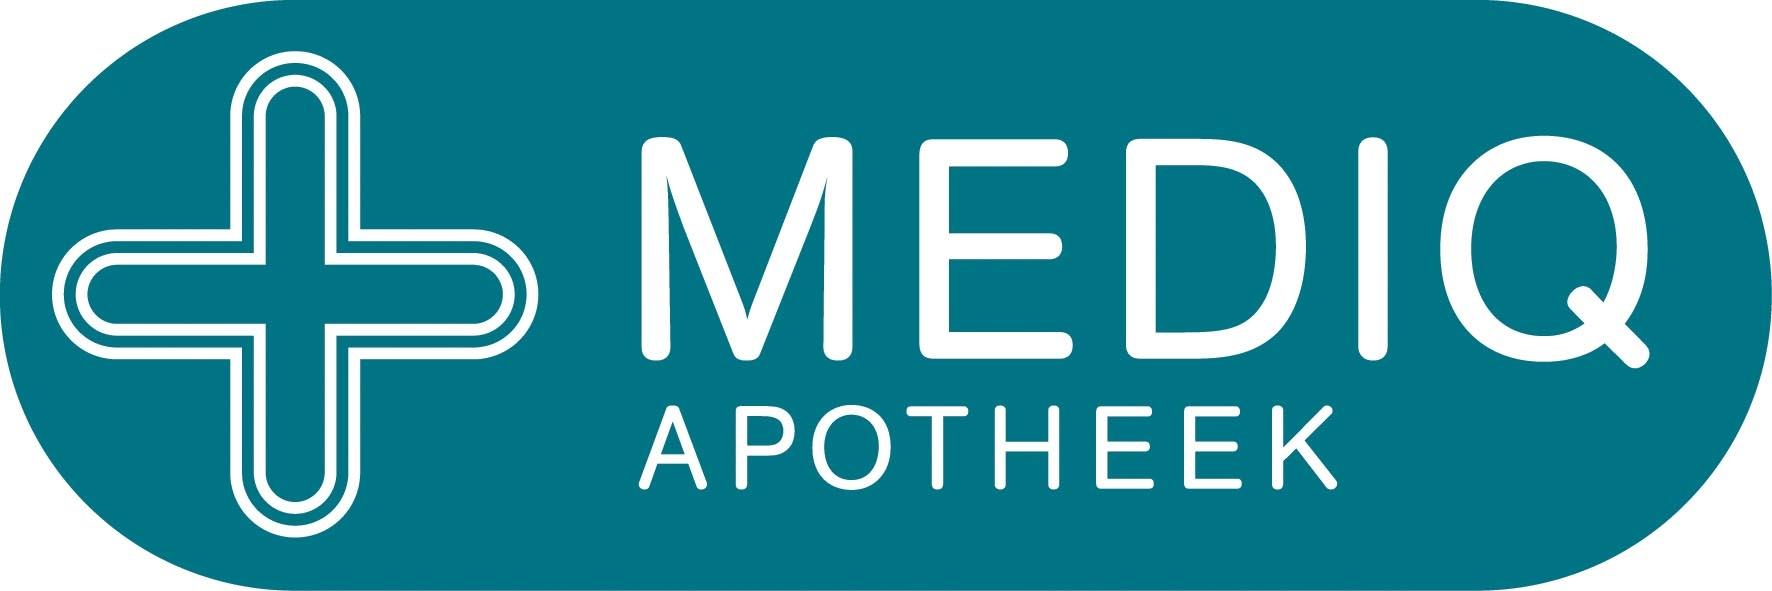 Een bekend apotheek logo